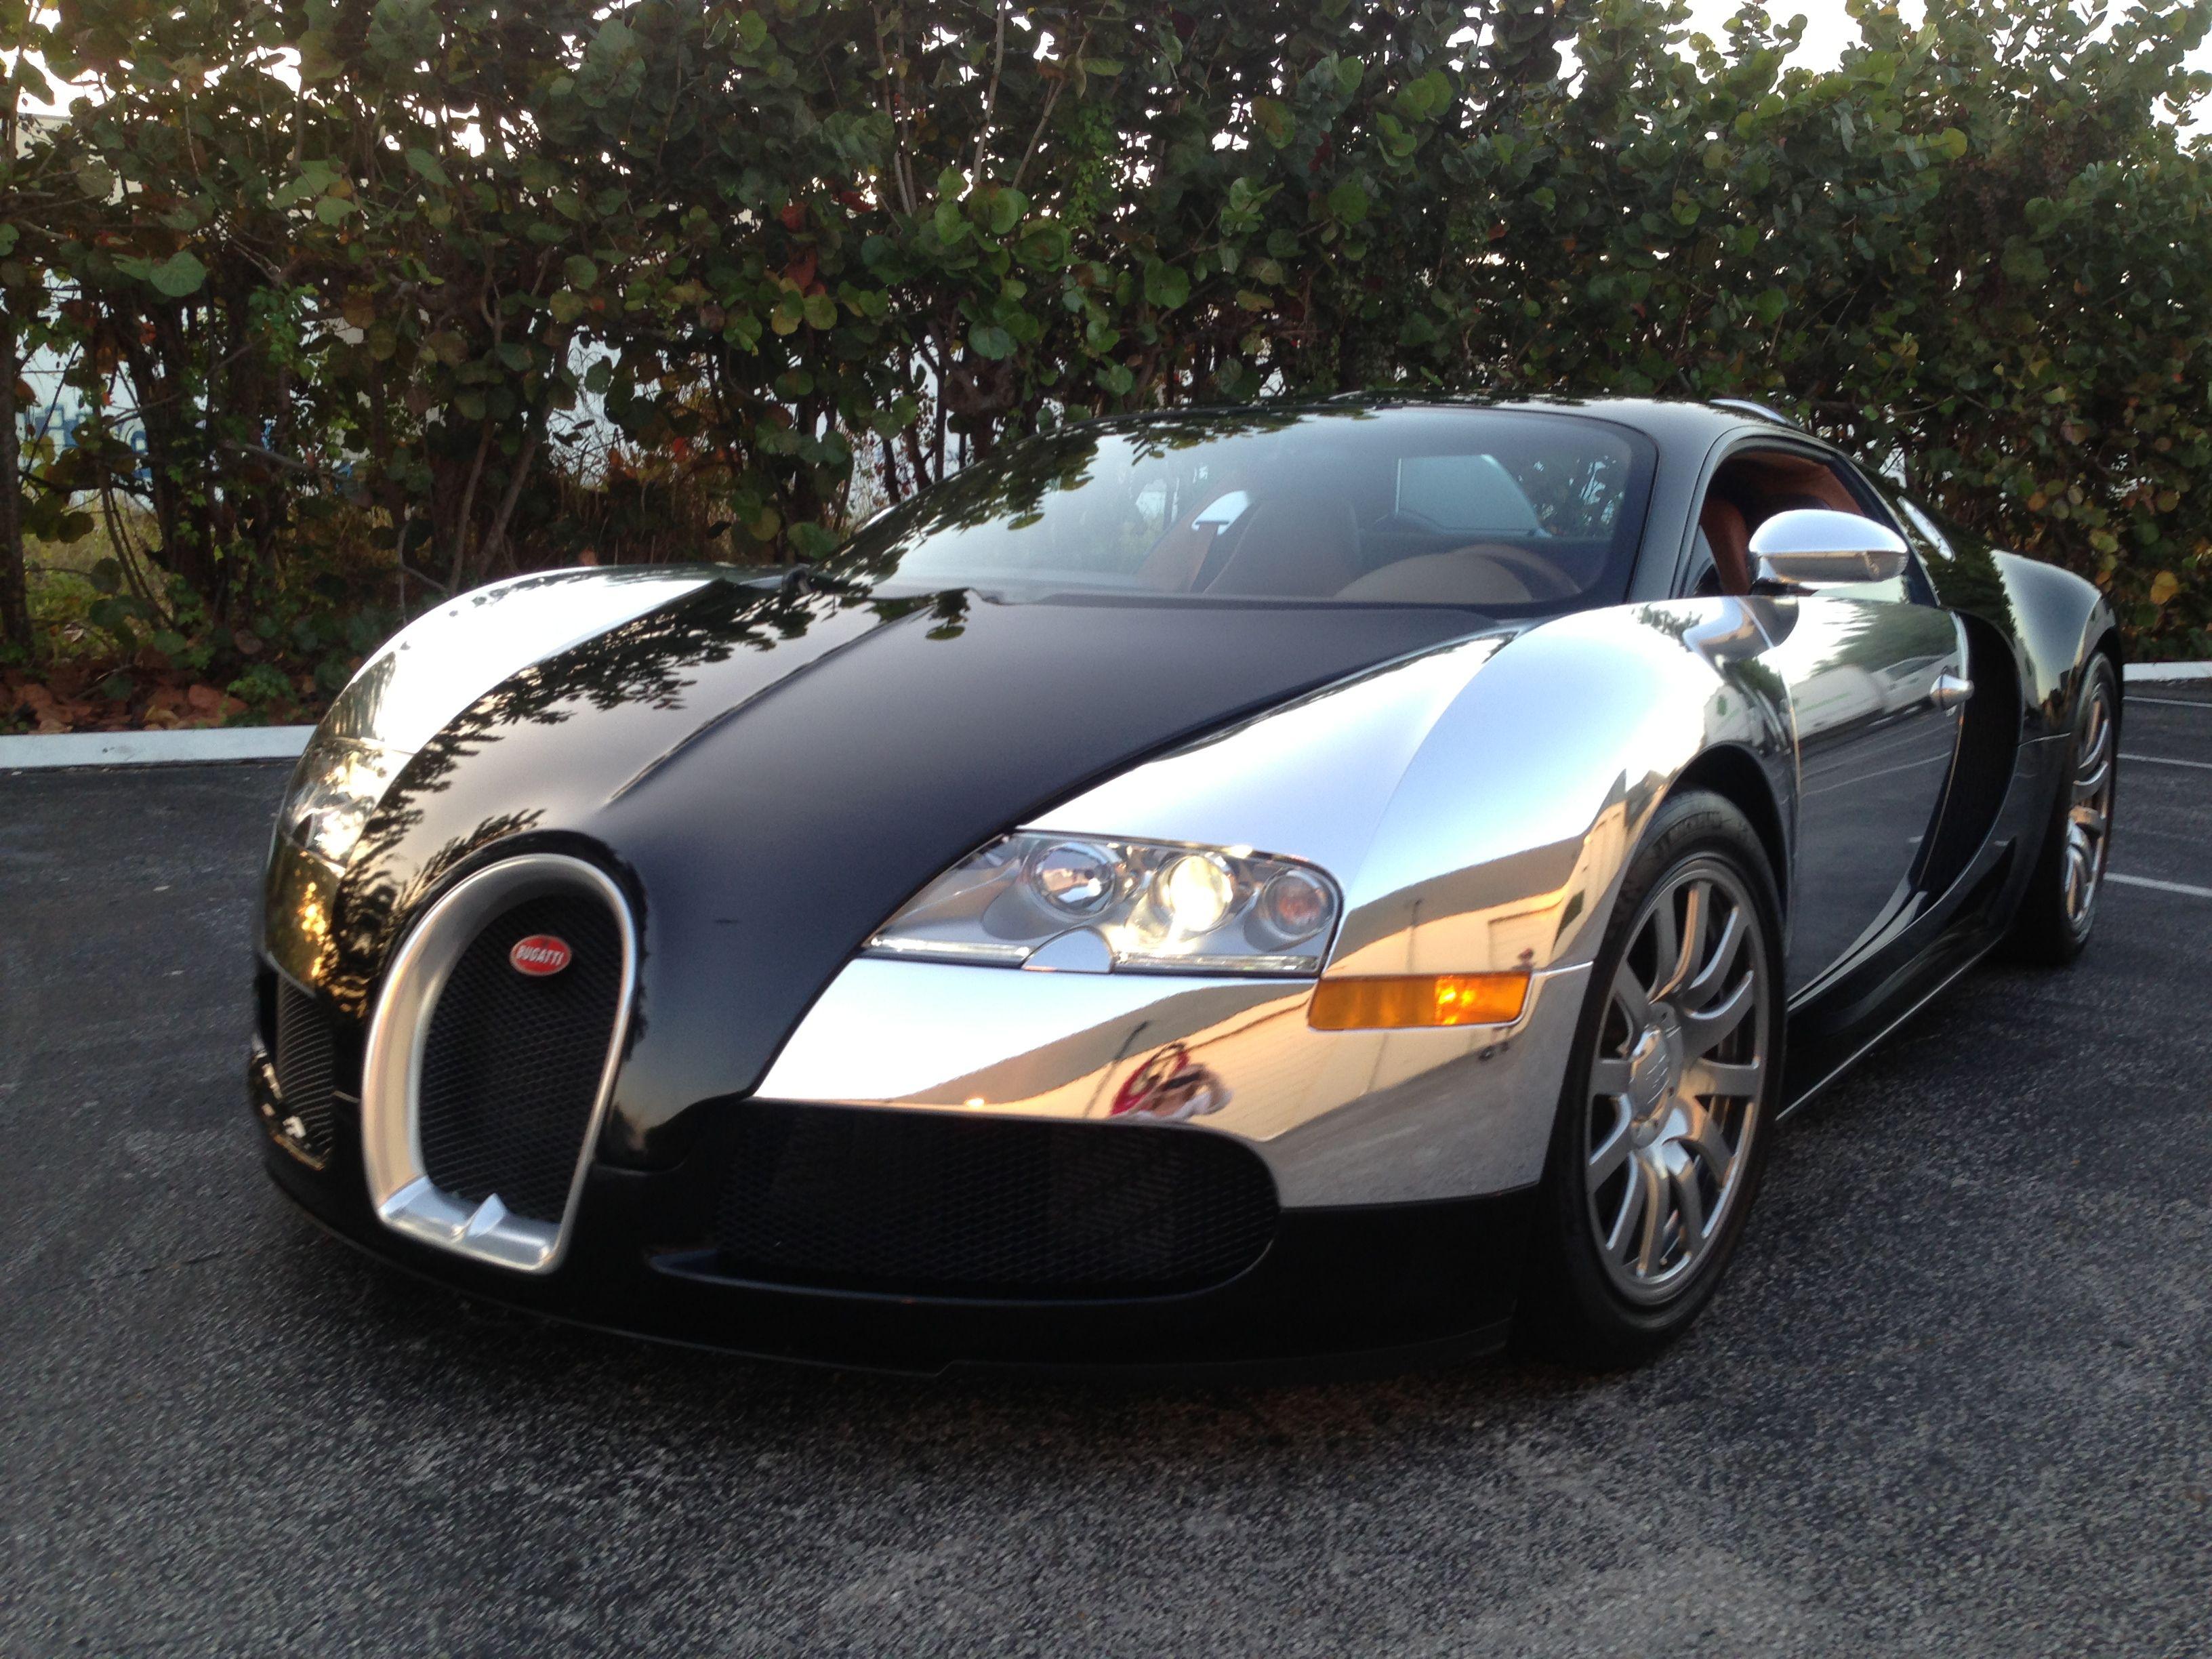 spectra chrome | bugatti veyron wrapped in mirror chrome at auto